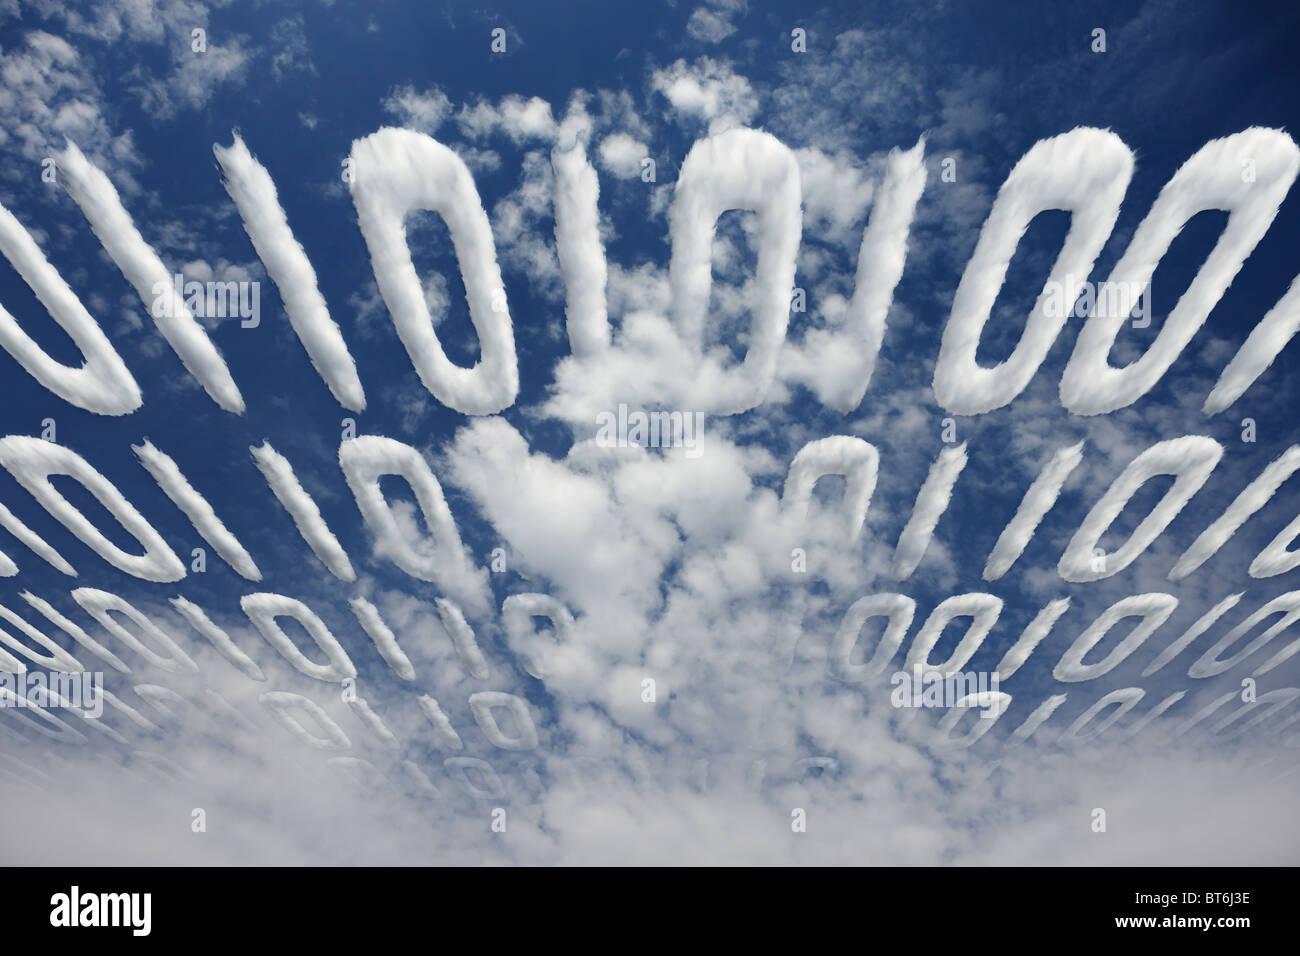 Trübe Binärcode übertragen Himmel - Konzept der elektronischen Kommunikation und information Stockbild